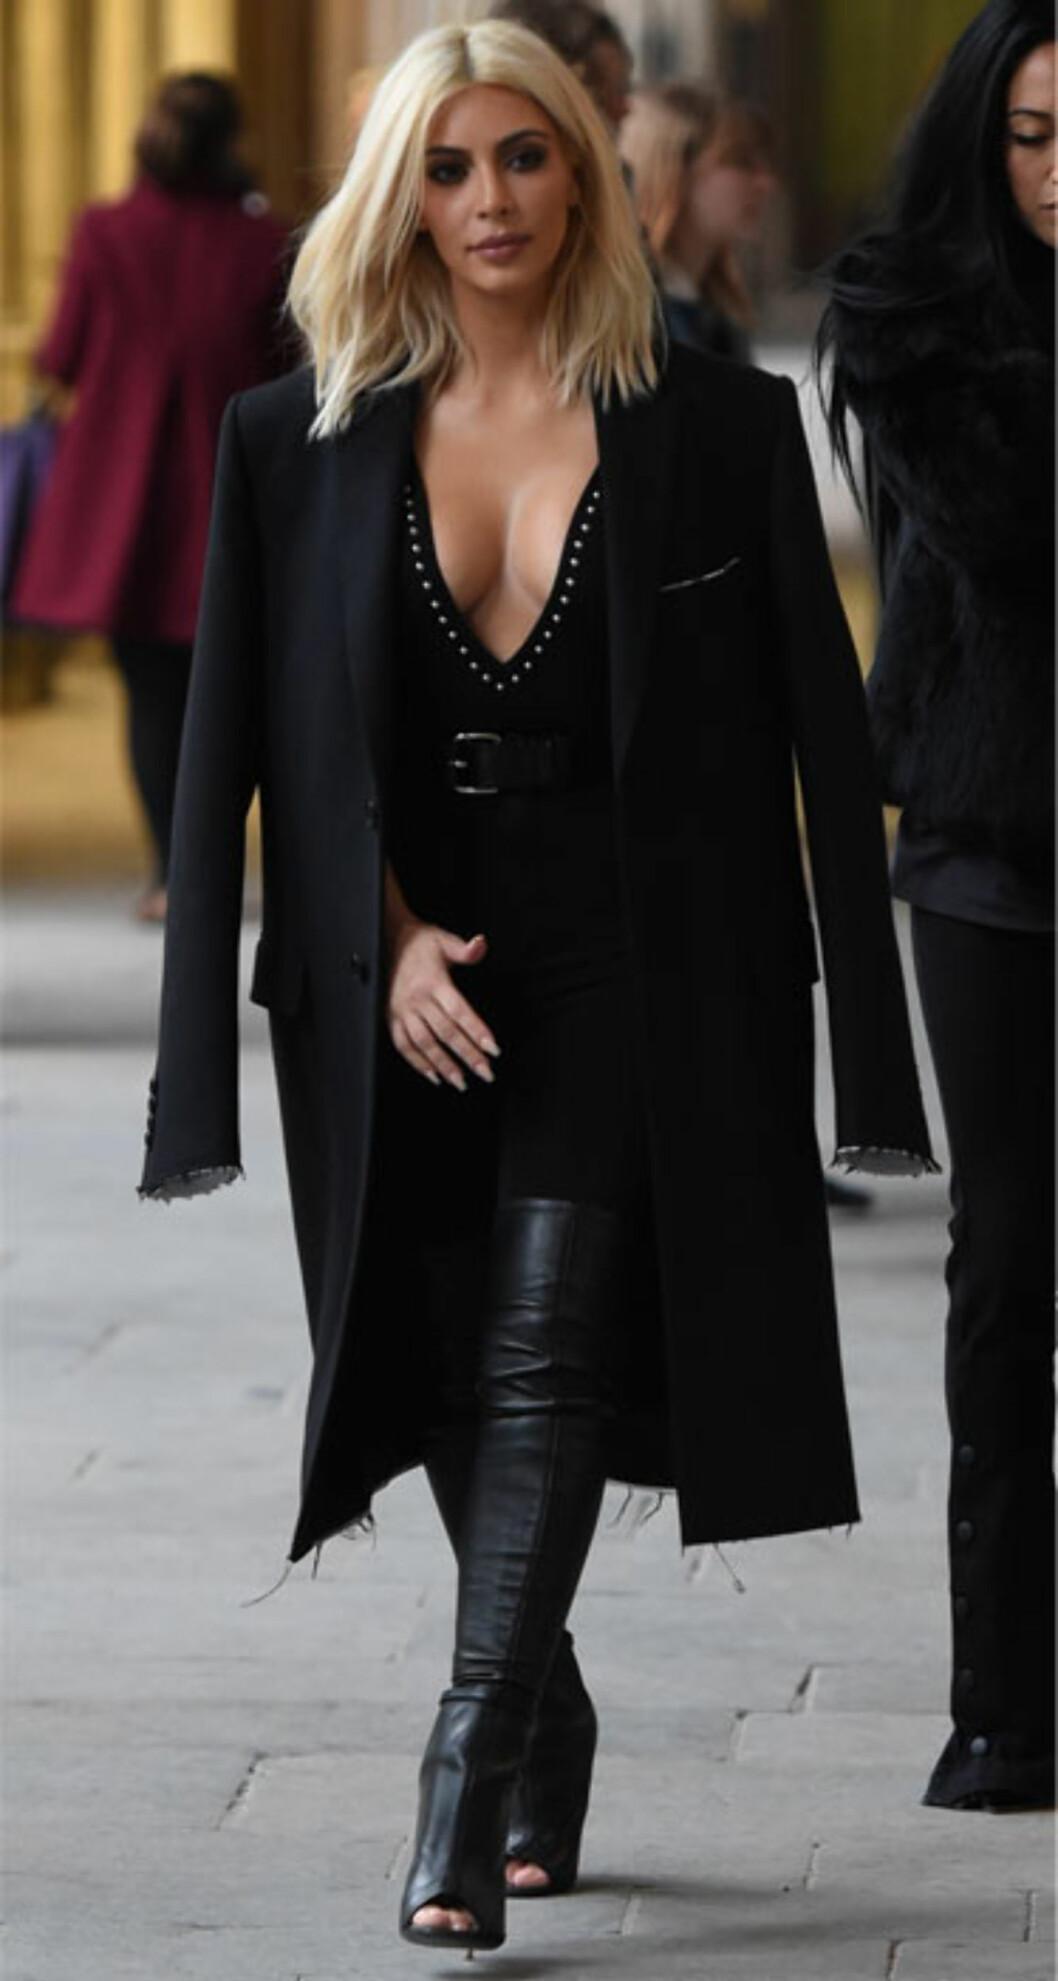 Kim var platinablond en kort periode i vinter, og kledde seg for det meste i helsvarte antrekk til sitt lyse hår.  Foto: Scanpix